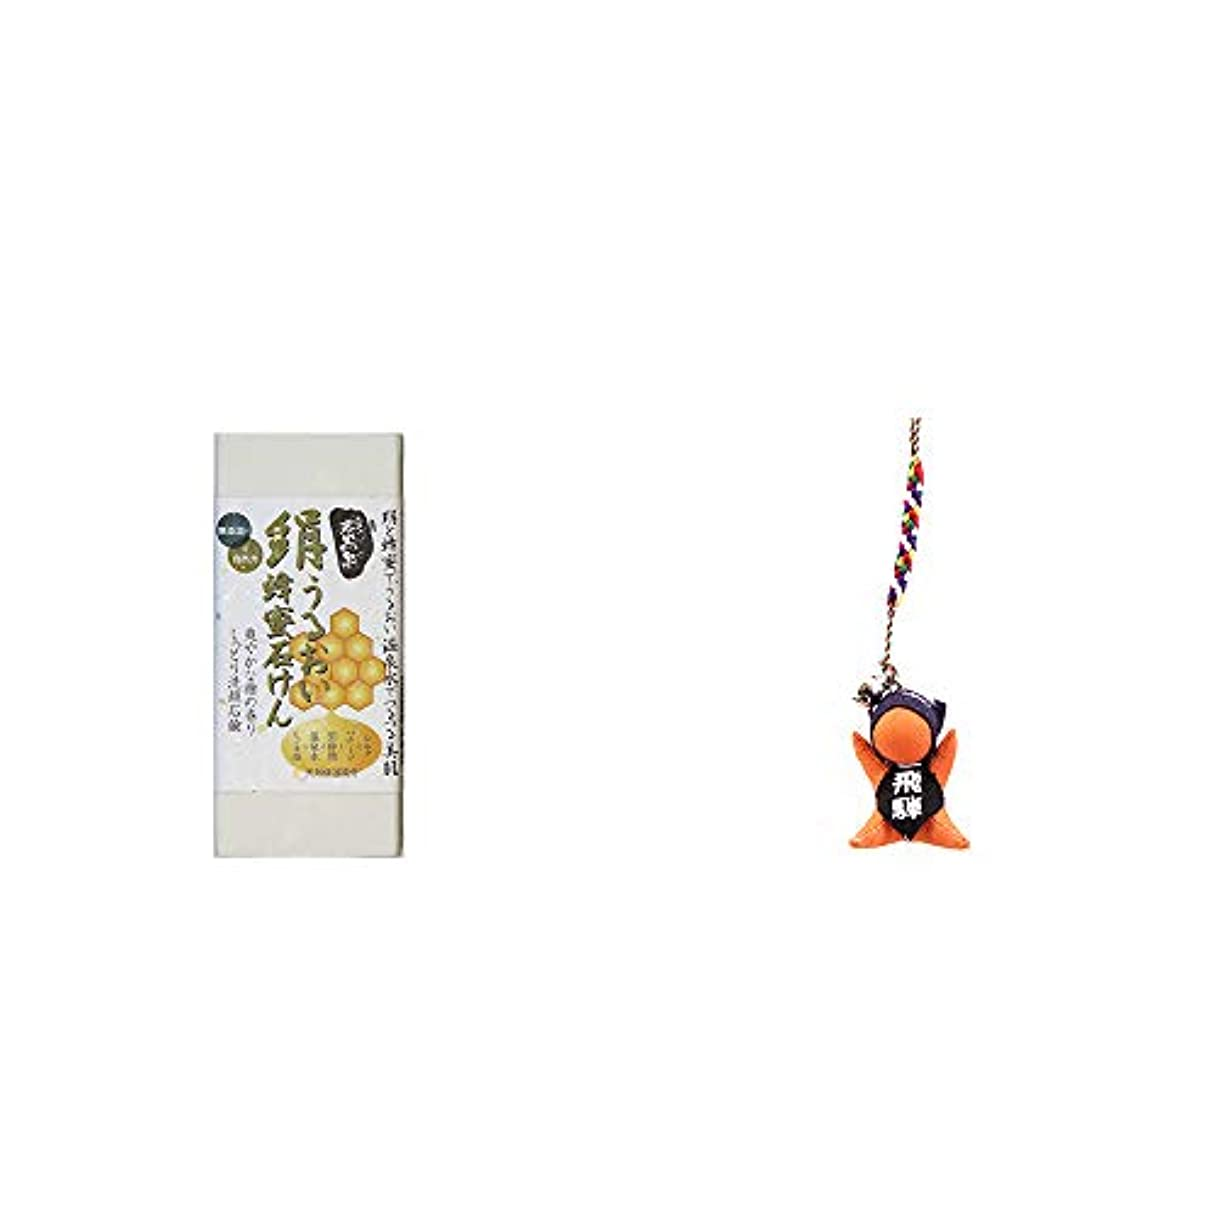 ペレット技術者コンパス[2点セット] ひのき炭黒泉 絹うるおい蜂蜜石けん(75g×2)?さるぼぼ根付【オレンジ】 / ストラップ 縁結び?魔除け //